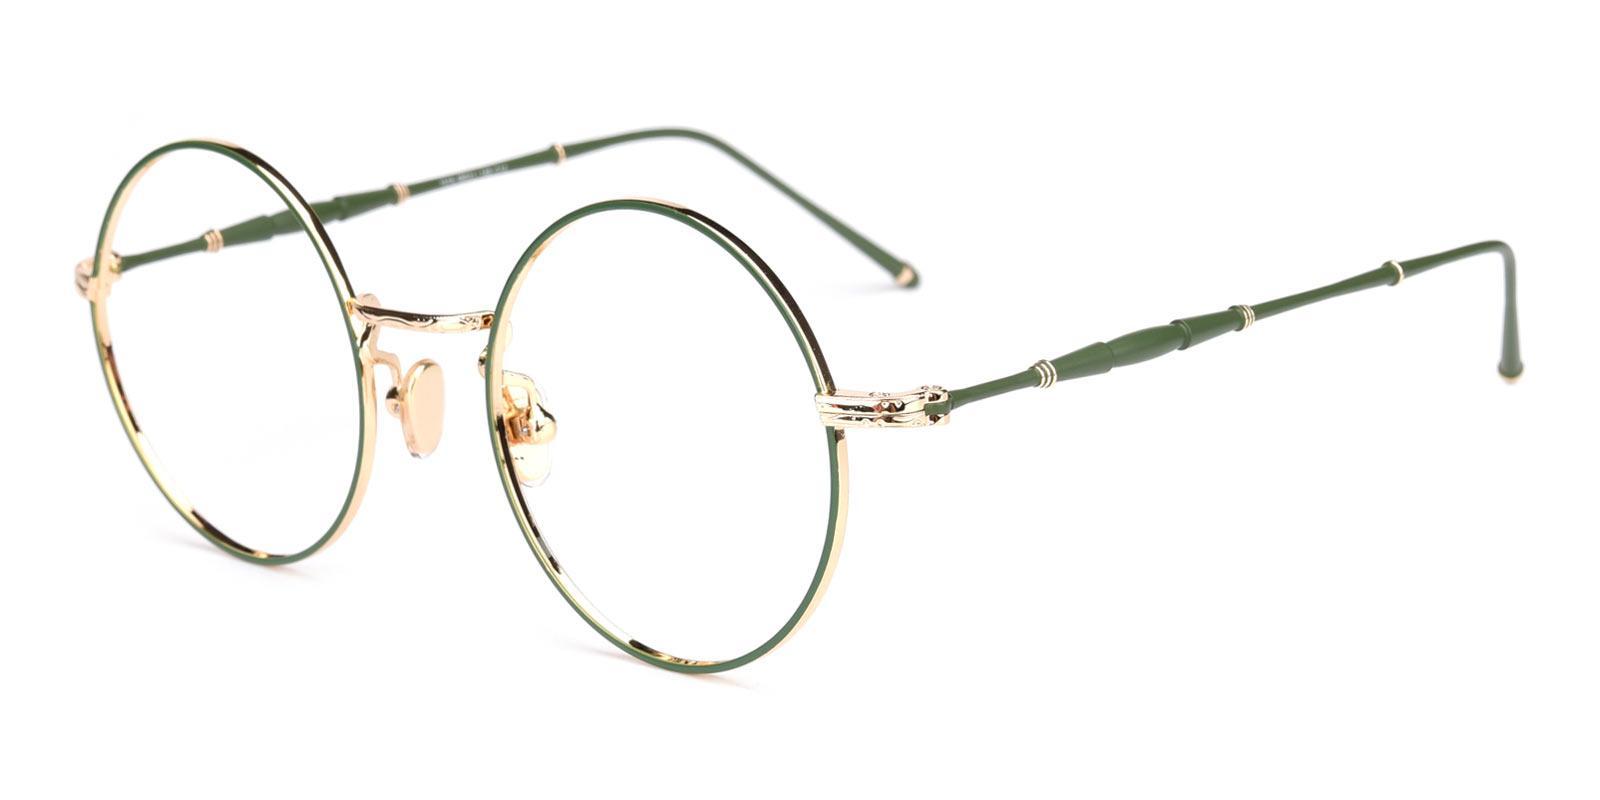 Toto-Green-Round-Metal-Eyeglasses-detail